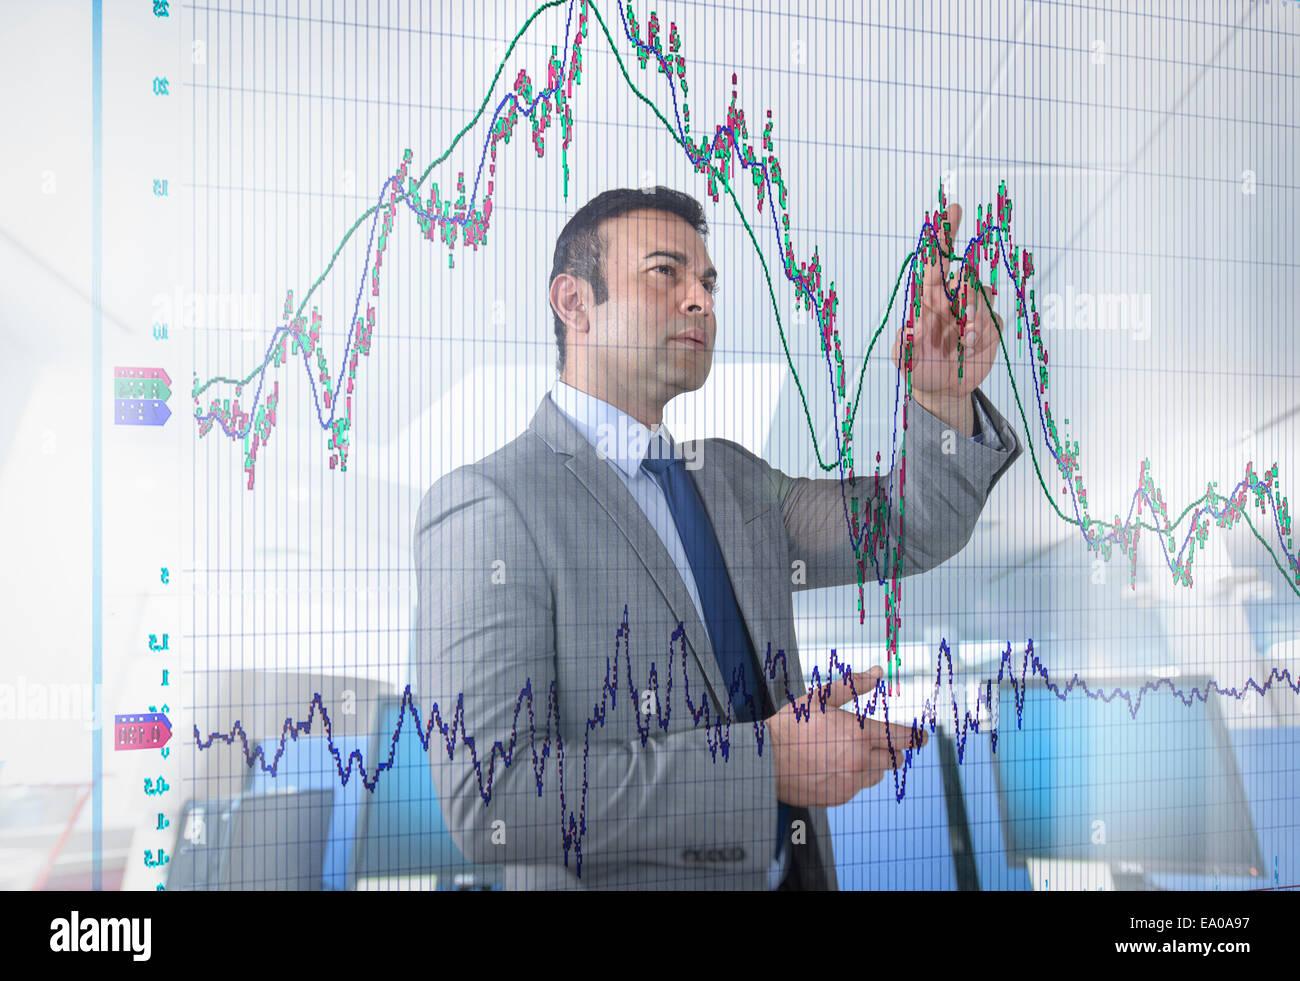 Asiatische Geschäftsmann Inspektion Diagramm auf interaktives display Stockbild